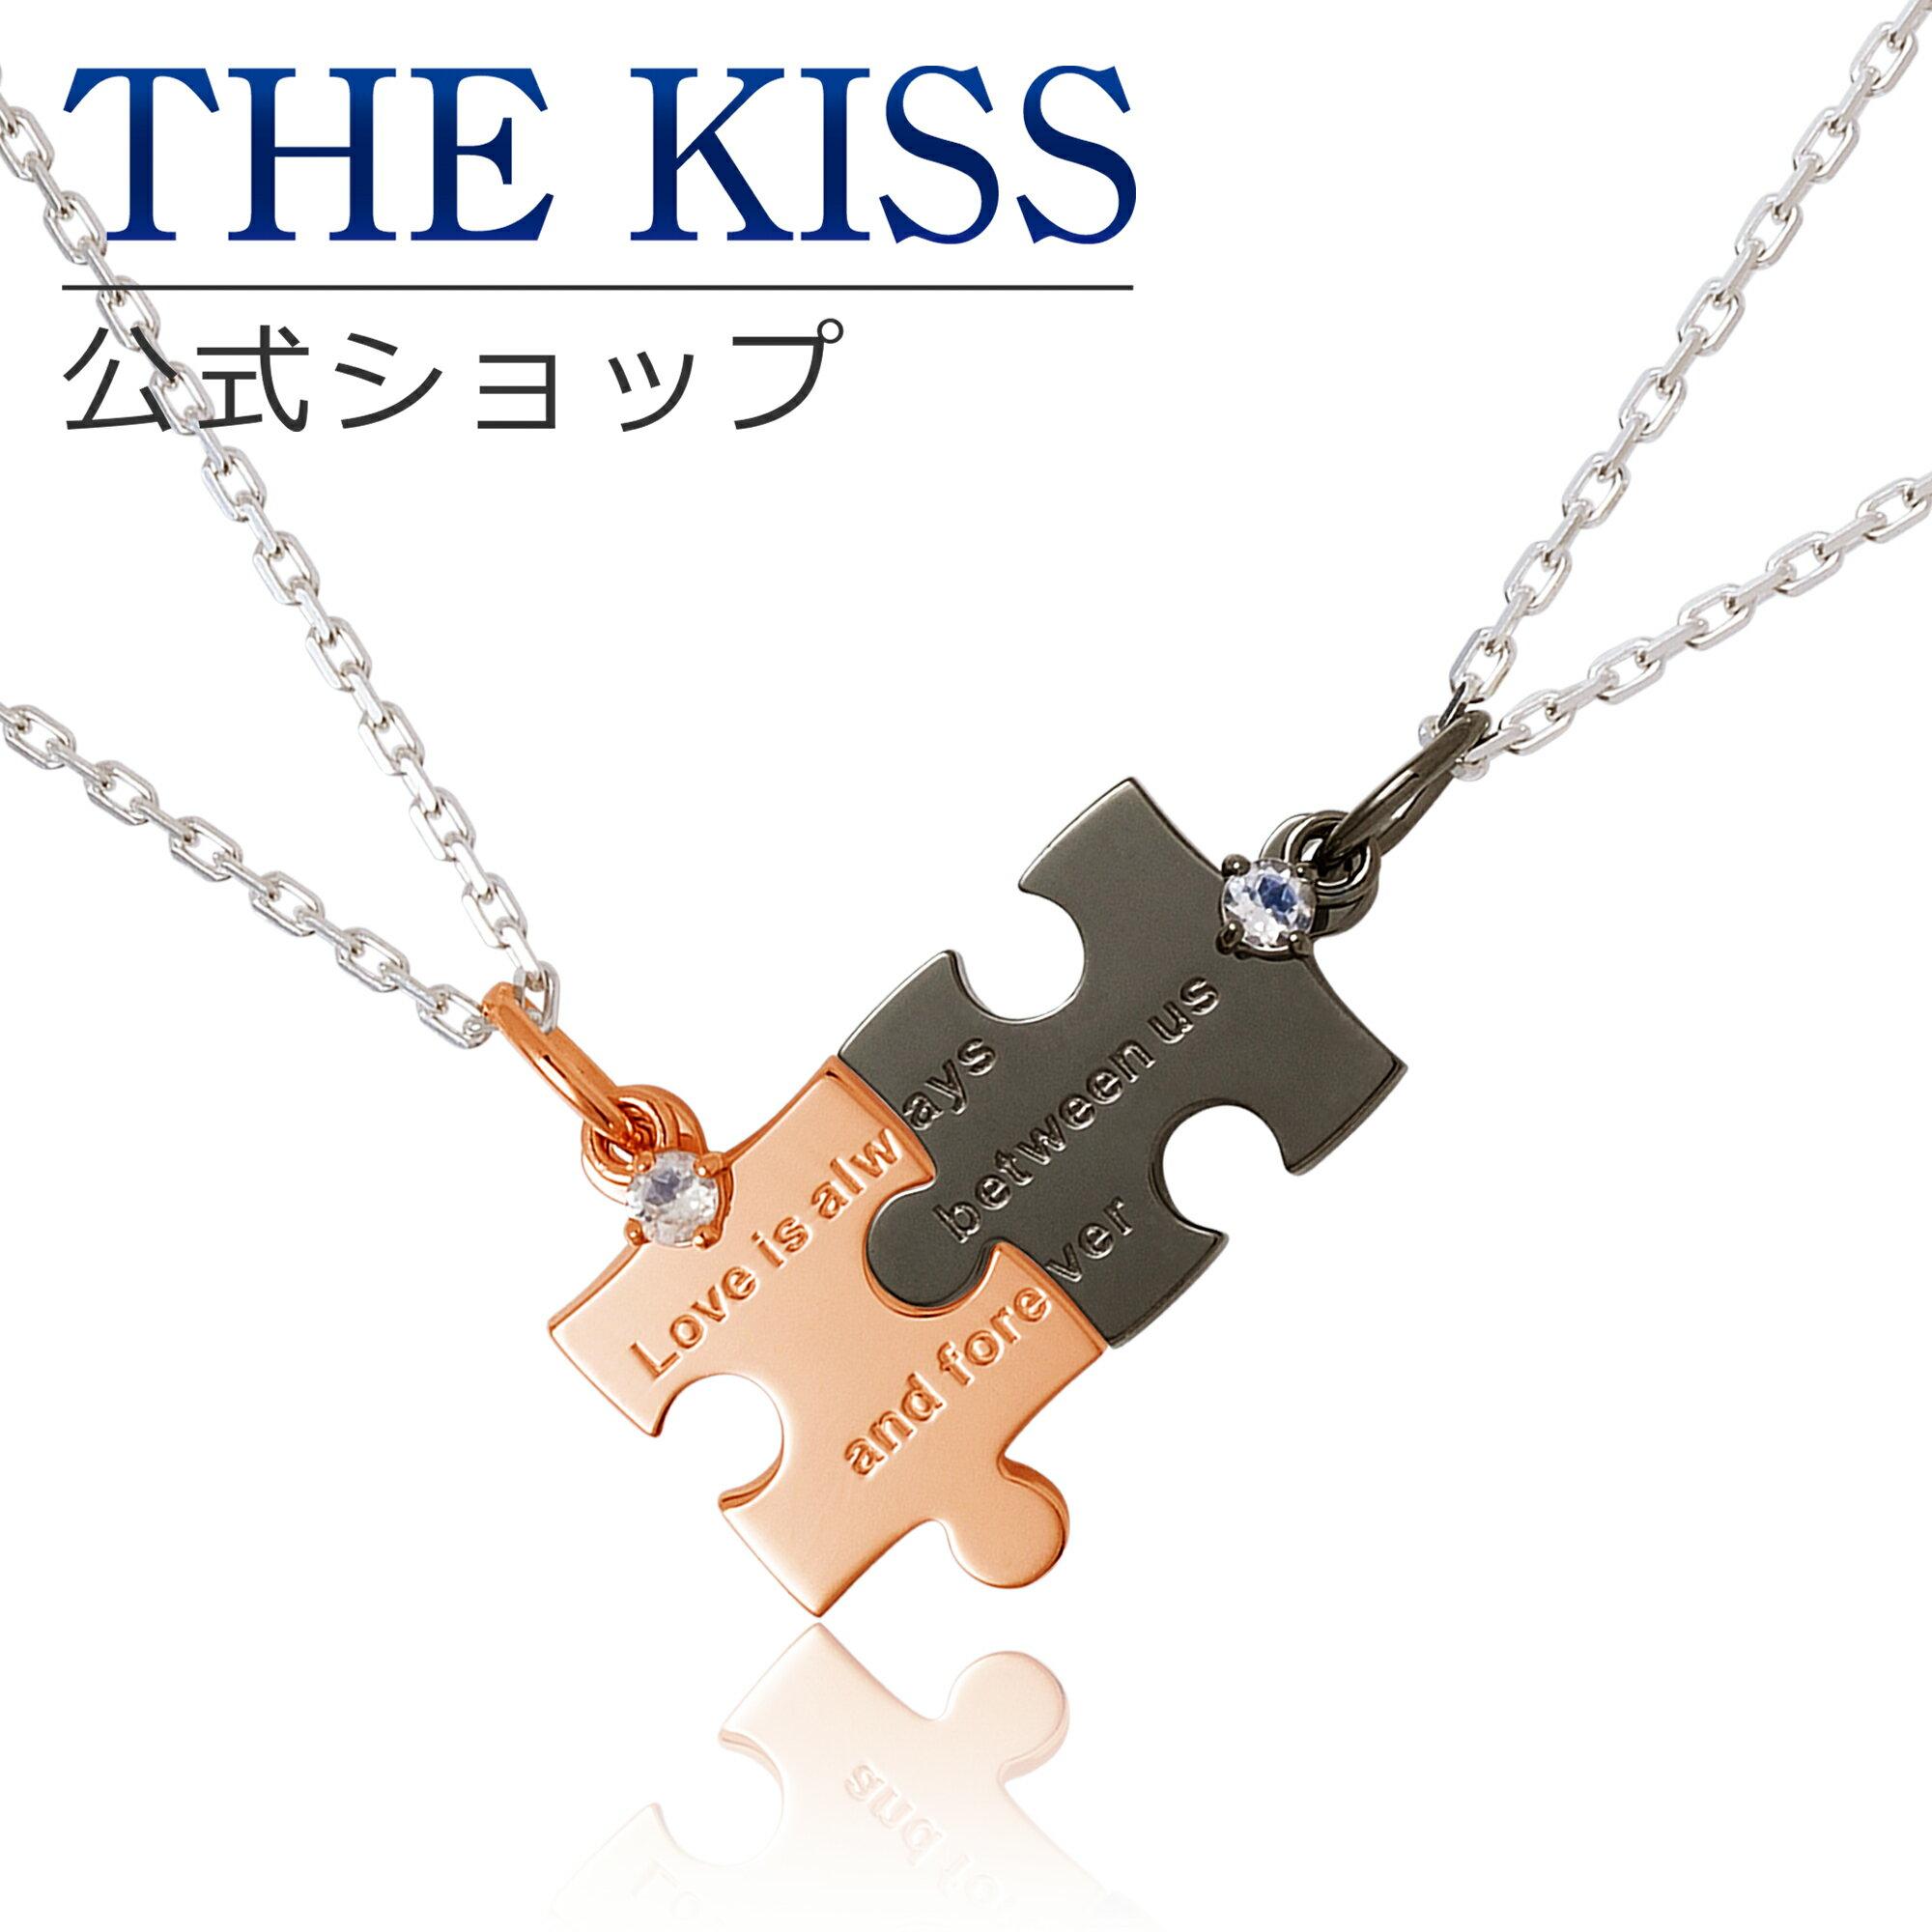 THE KISS 公式サイト シルバー ペアネックレス ペアアクセサリー カップル に 人気 の ジュエリーブランド THEKISS ペア ネックレス・ペンダント 記念日 プレゼント SPD1828RBM-1829RBM ザキス 【送料無料】